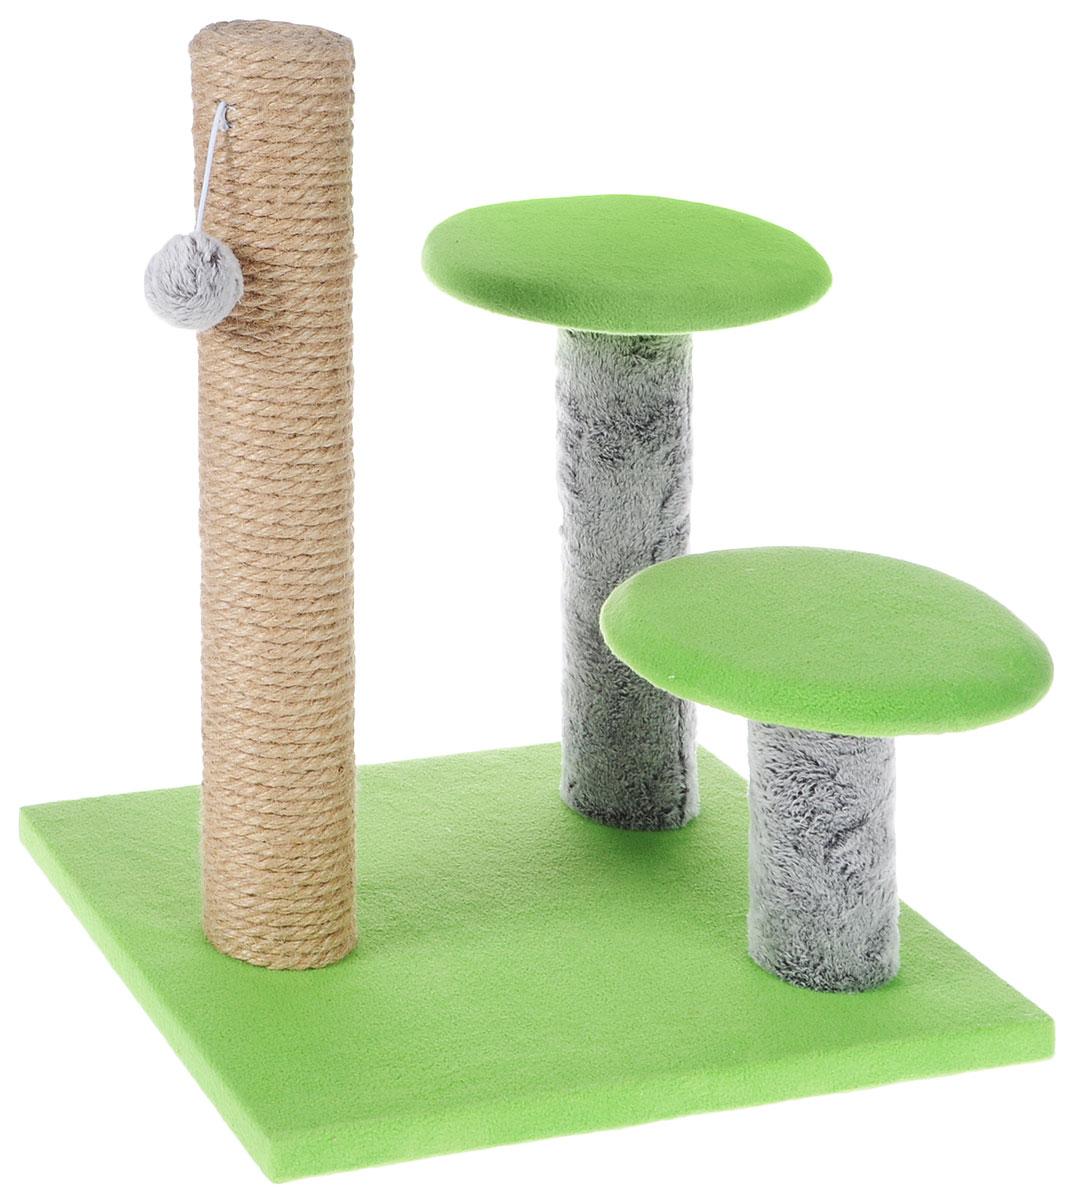 Игровой комплекс для кошек Грызлик Ам Грибы, цвет: зеленый, серый, 30 х 35 x 40 см81128Игровой комплекс для кошек Грызлик Ам Грибы выполнен из высококачественного МДФ и обтянут плюшем. Комплекс состоит из нескольких элементов. Джутовая когтеточка-столбик обеспечит естественный уход за когтями питомца, поэтому теперь ваша мебель и стены будут в сохранности. Для игр предусмотрена игрушка-шарик на веревочке. Две круглые платформы удобны для наблюдений за происходящим.Функциональный игровой комплекс станет излюбленным местом вашего питомца. Оригинальный дизайн отлично впишется в интерьер помещения. Диаметр круглых полок: 18 см. Высота когтеточки: 38 см.